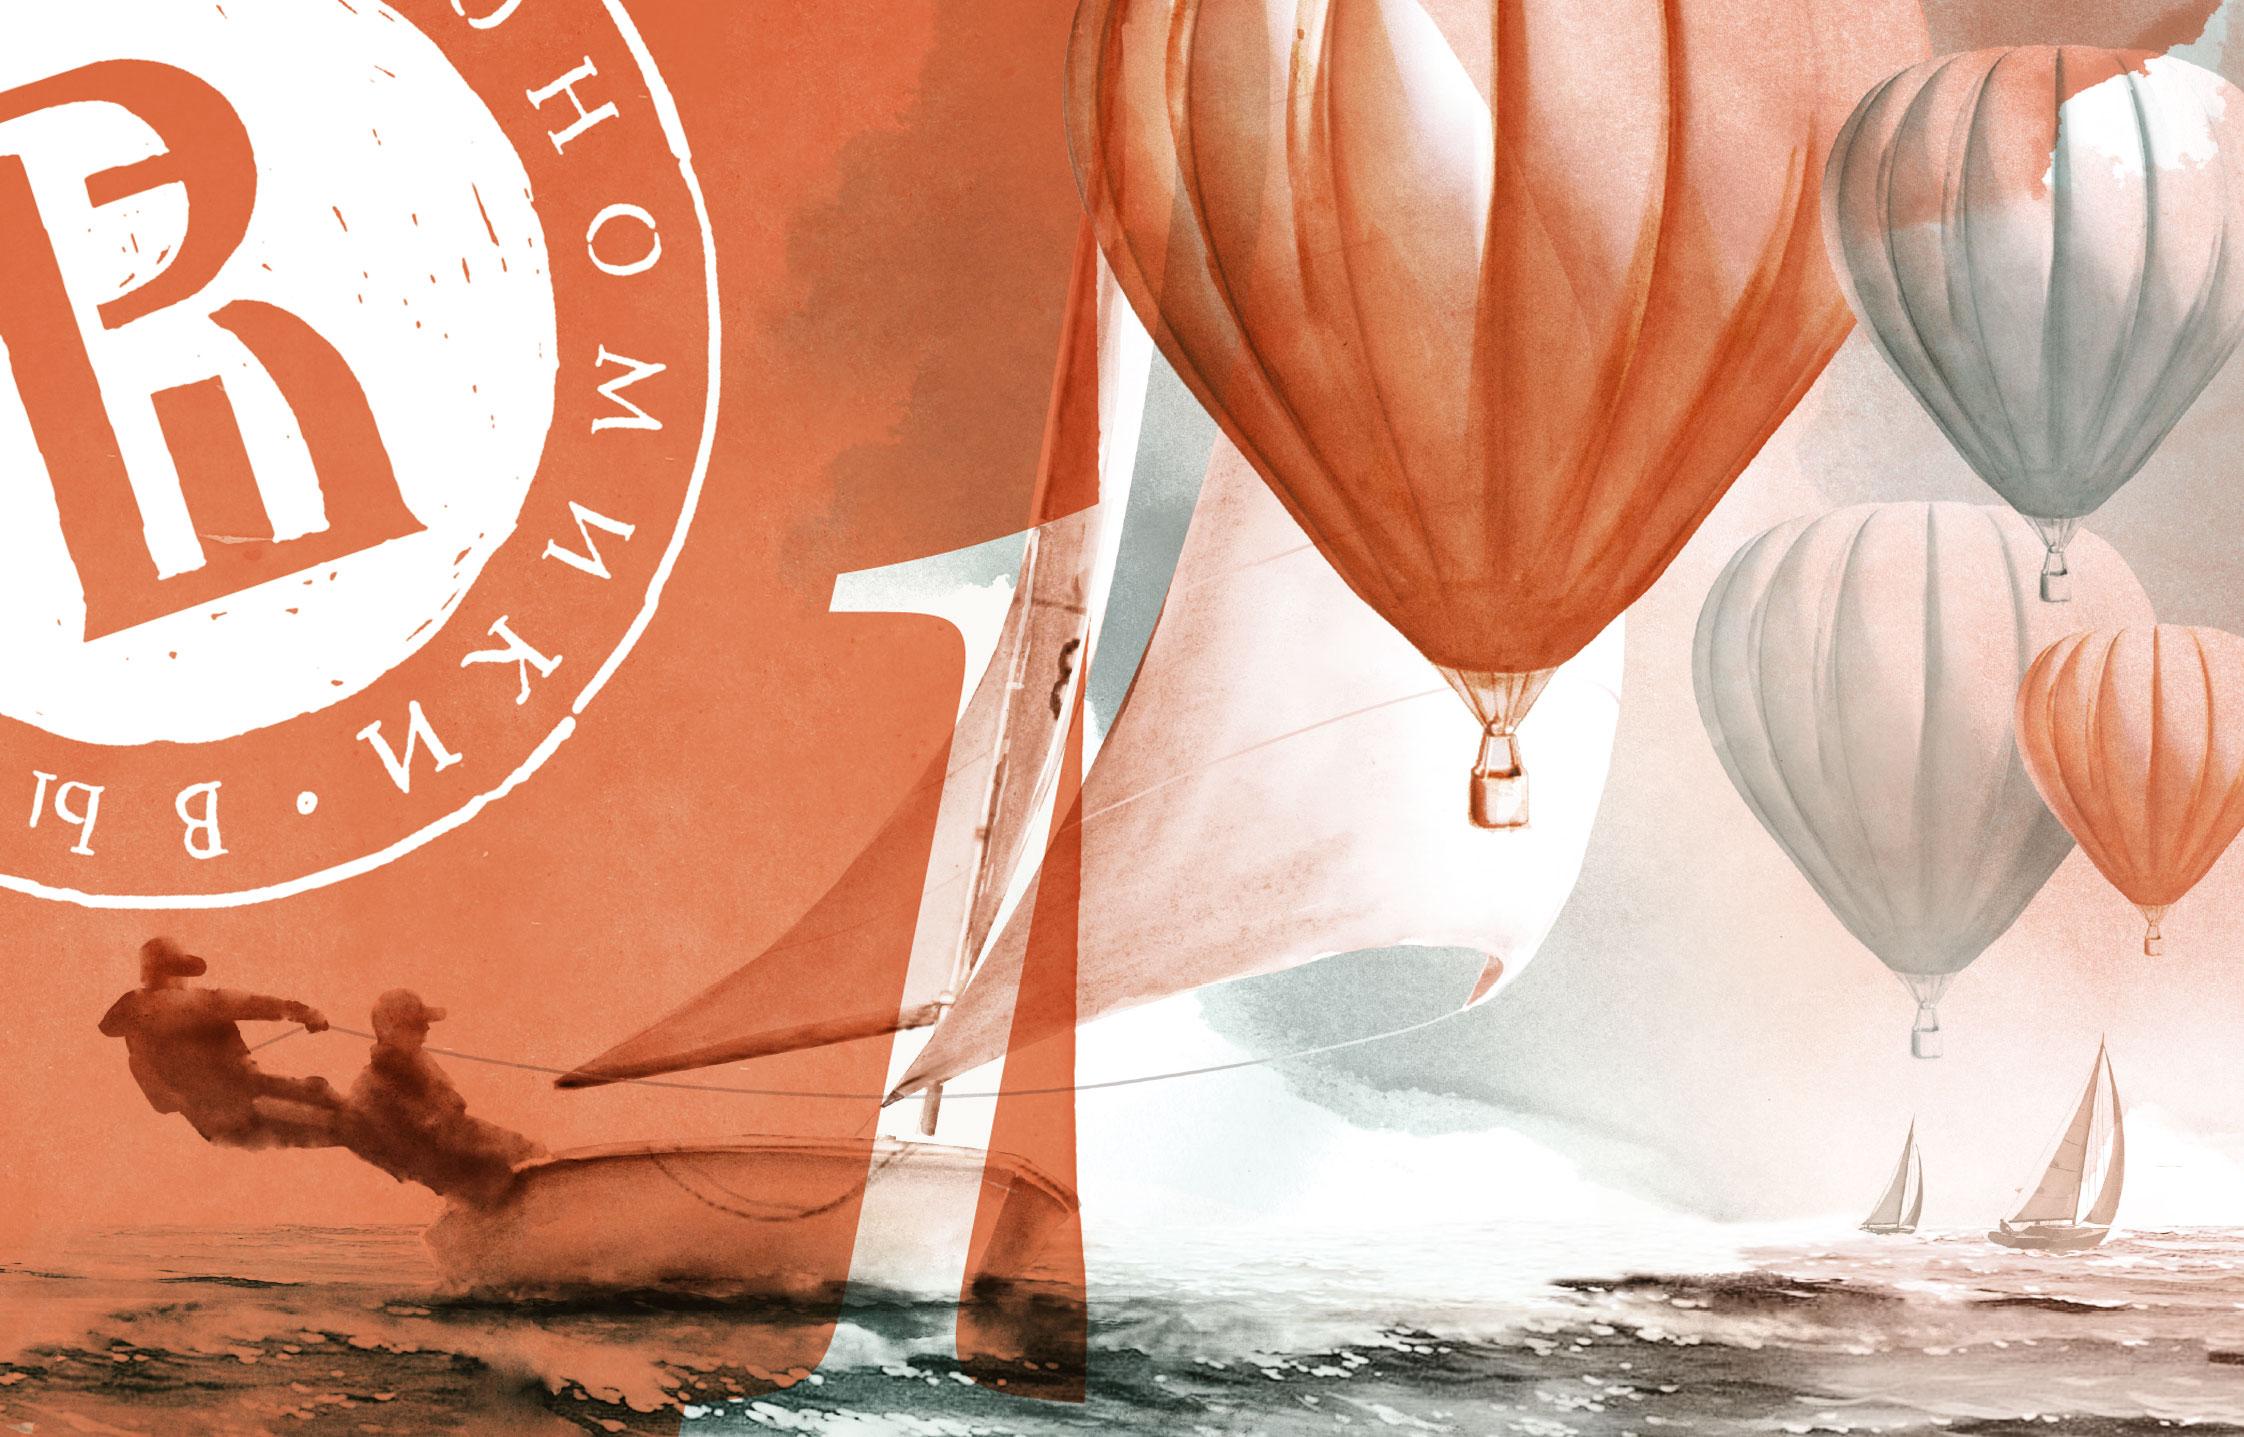 """Иллюстрации для путеводителя по Вышке """"Почемучник"""". Ежегодный проект для первоклассников. Лаборатория дизайна ВШЭ участвует в конкурсе - hsedesignlab.ru"""